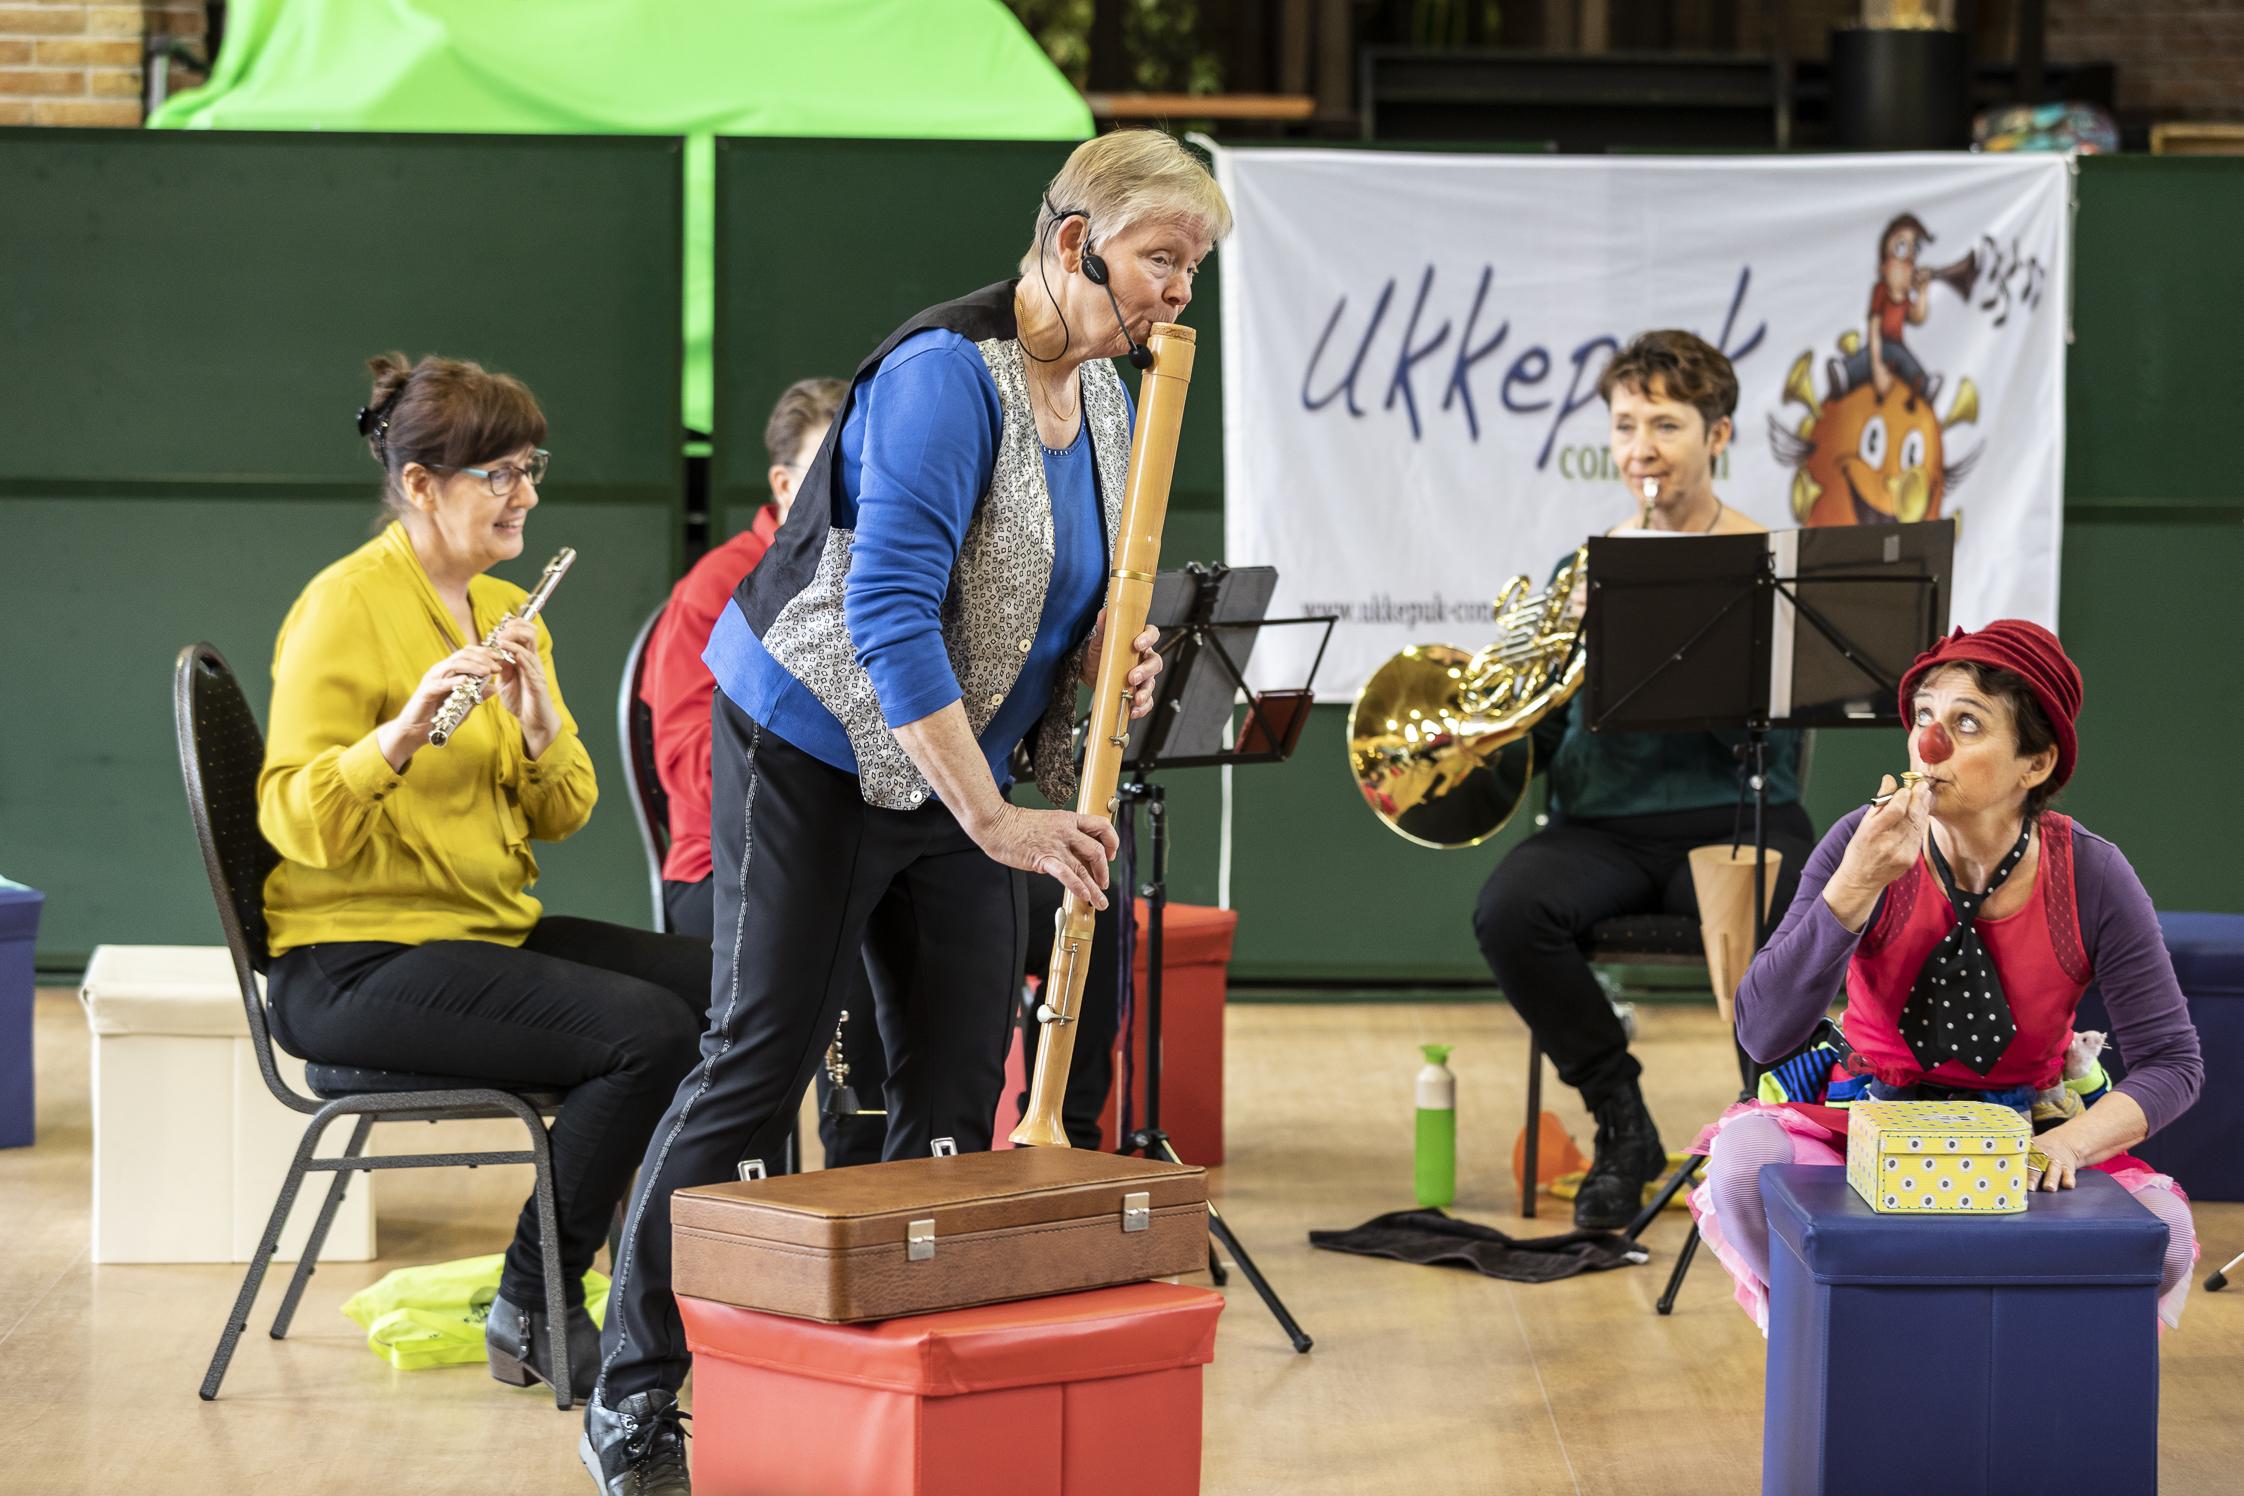 Ukkepuk concert 31 maart 2019